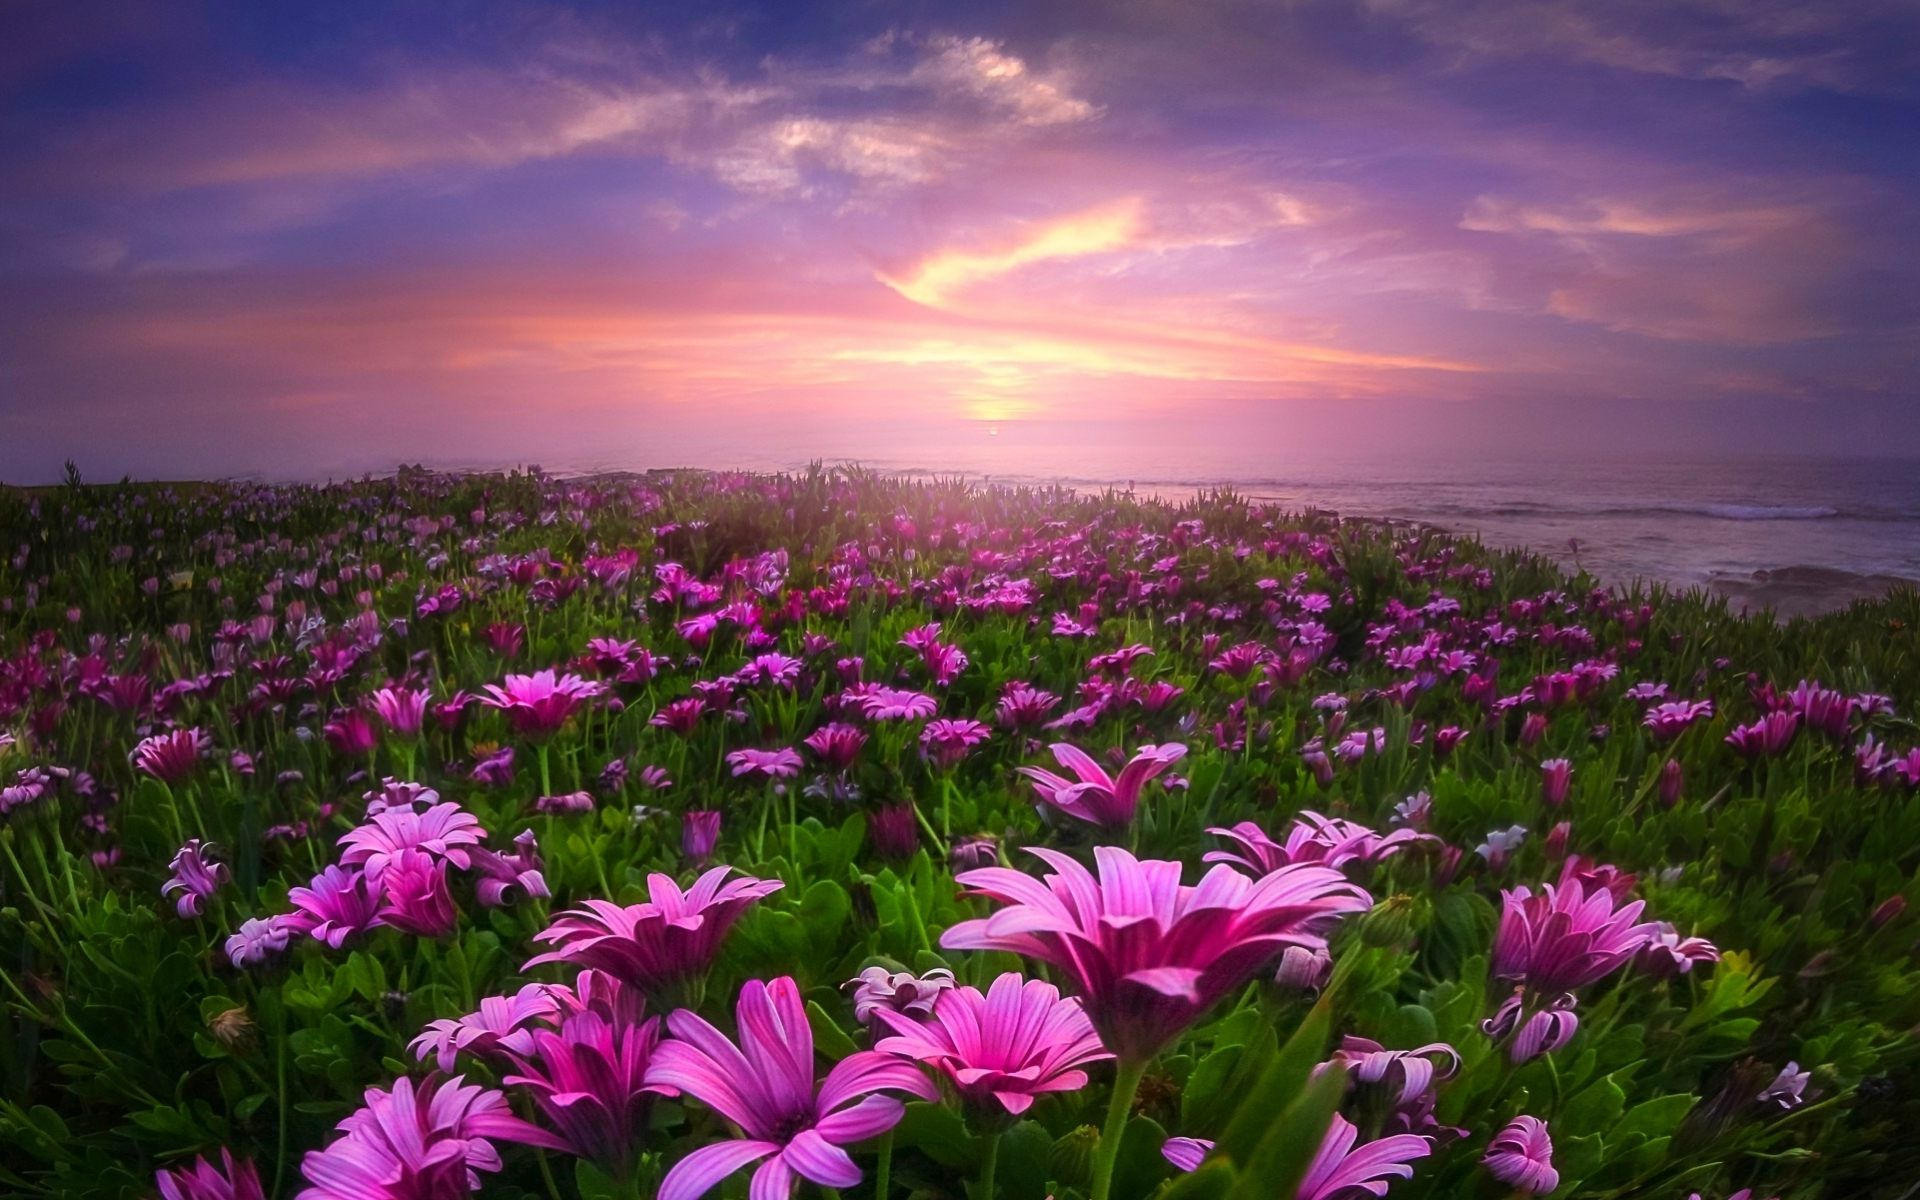 Field Of Daisies HD Wallpaper For Desktop Of Flower Fields ...